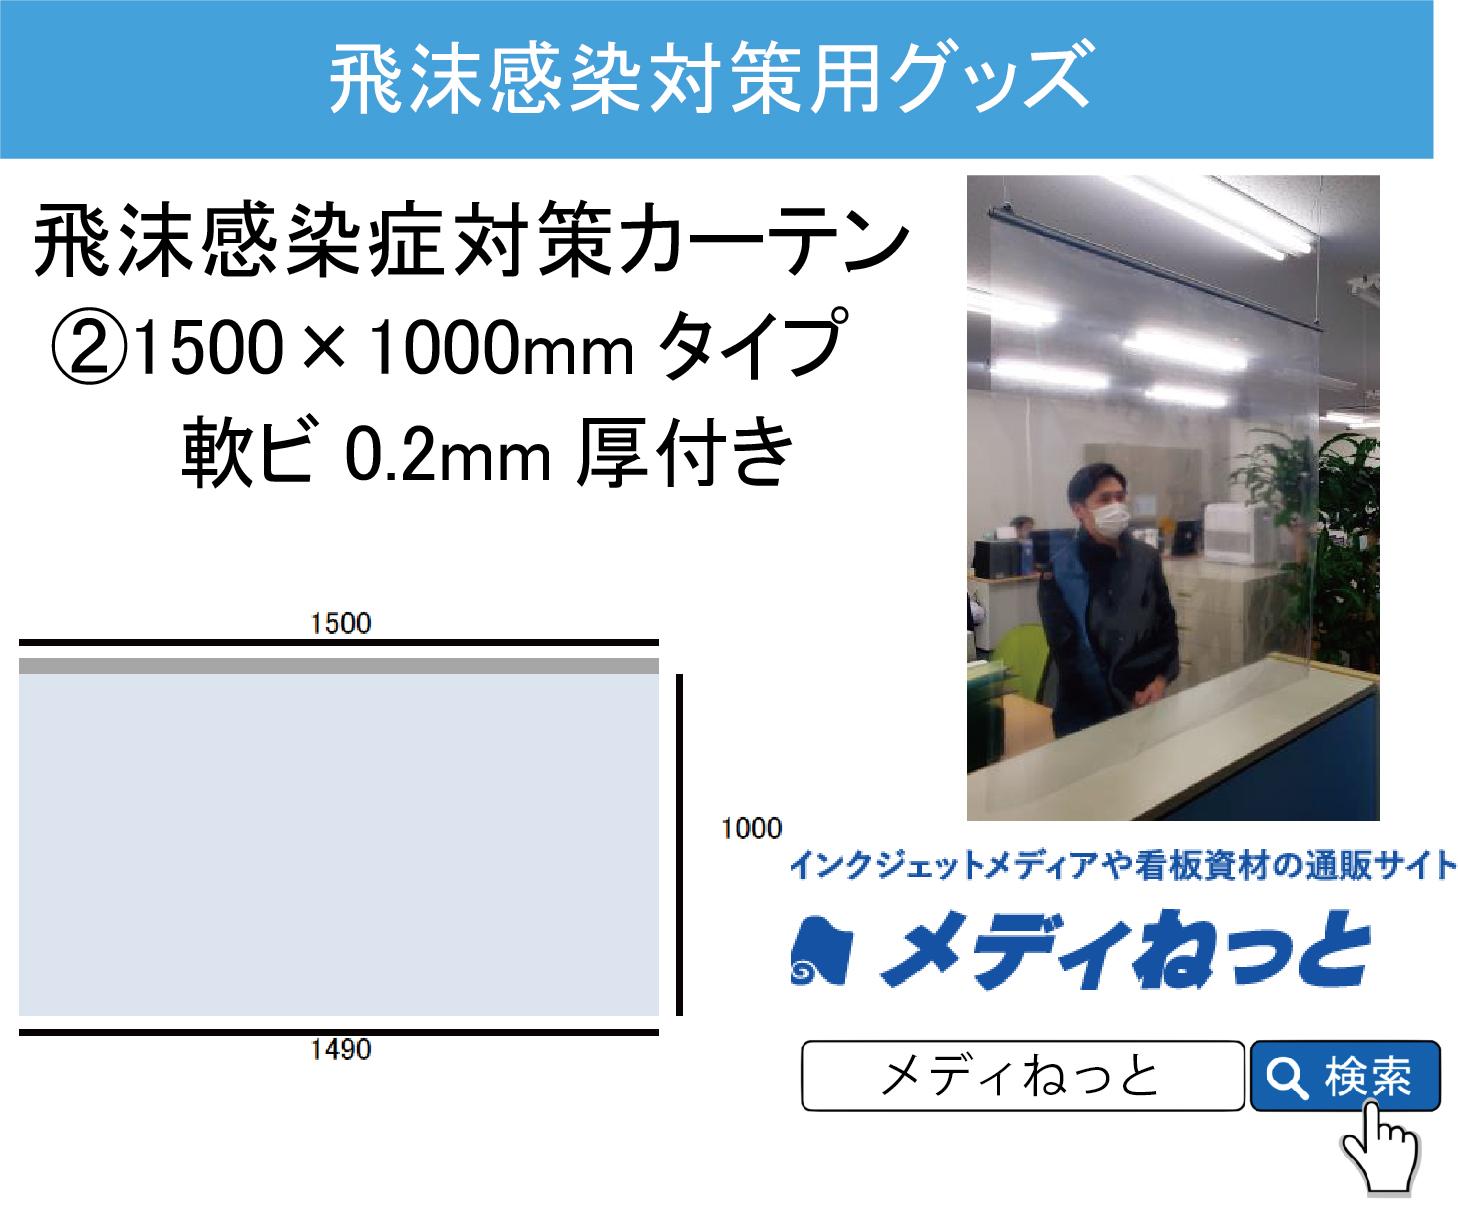 飛沫感染症対策カーテンセット(1500mm×1000mm) 軟ビ0.2mm厚付き